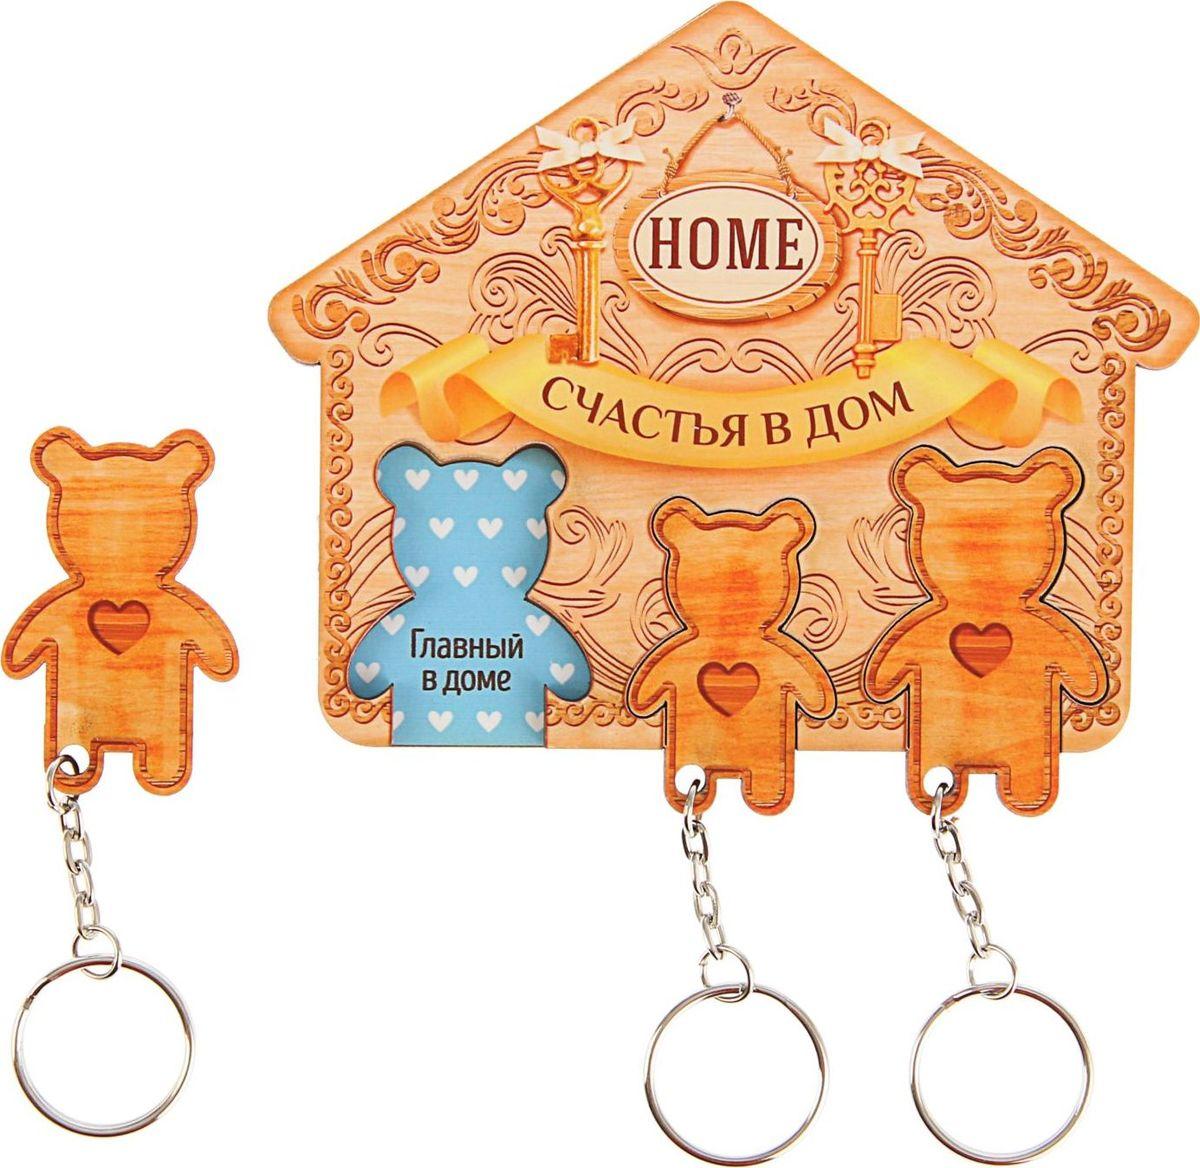 Ключница настенная Счастья в дом. Медведи, с брелоком, 12,5 х 11 см1864335Перед вами — уникальный интерьерный декор, который внесёт изюминку в ваш дом! Изделие дополнено 2 брелоками, ими вы можете украсить свою связку. Сувенир легко крепится к стене. Такая ключница с тёплыми словами не раз удивит гостей и порадует владельца! Изделие выполнено из прочного дерева и поставляется в пакете.